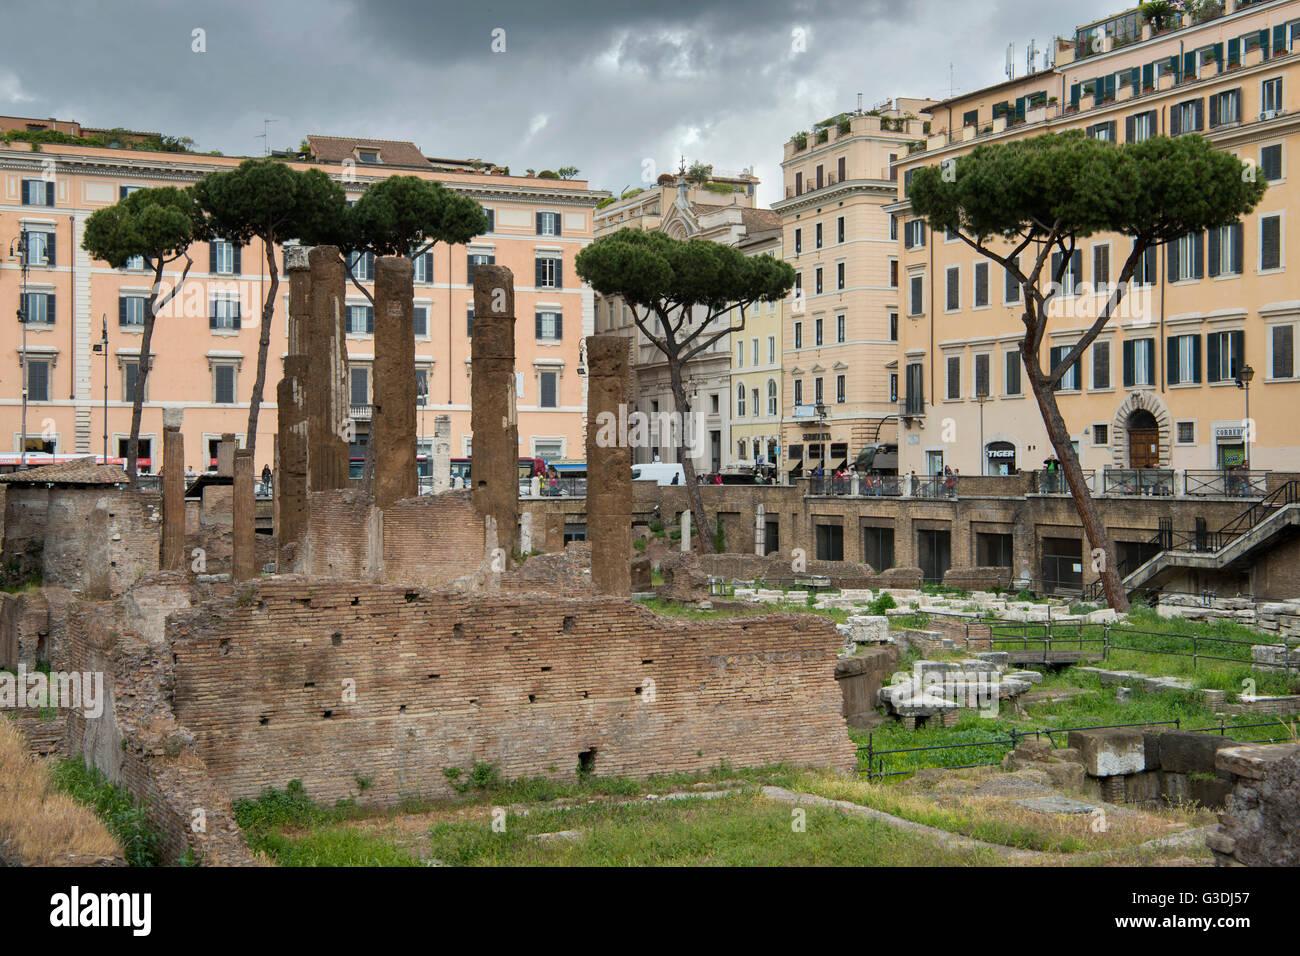 Italien, Rom, Largo di Torre Argentina, Tempelruinen - Stock Image